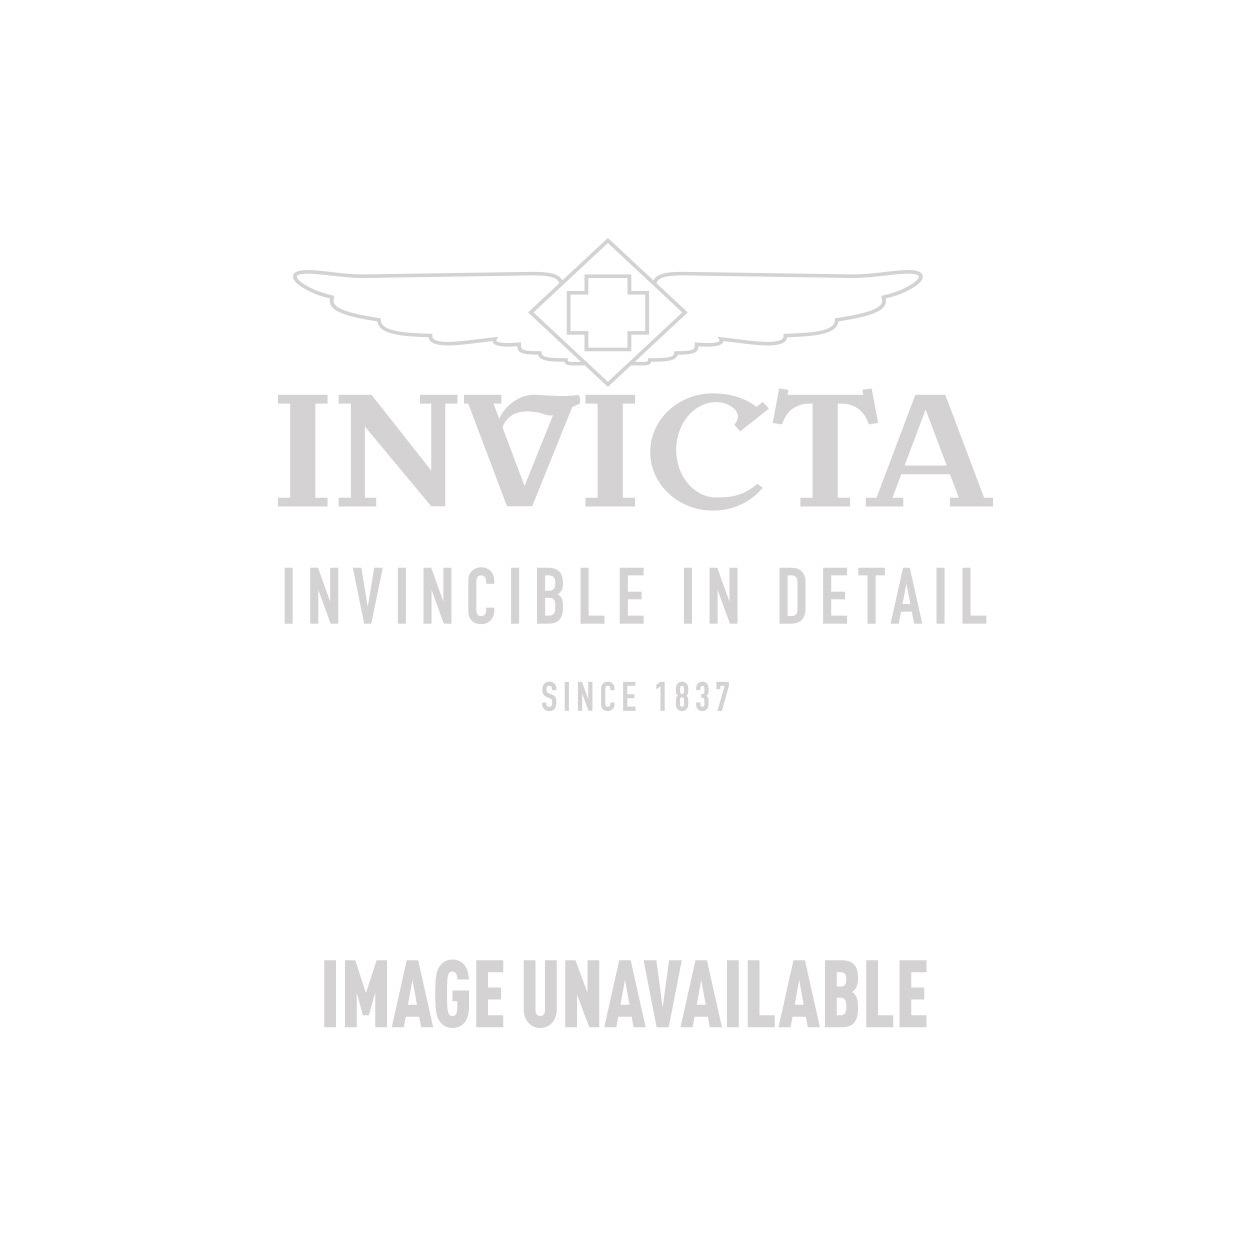 Invicta Model 27238